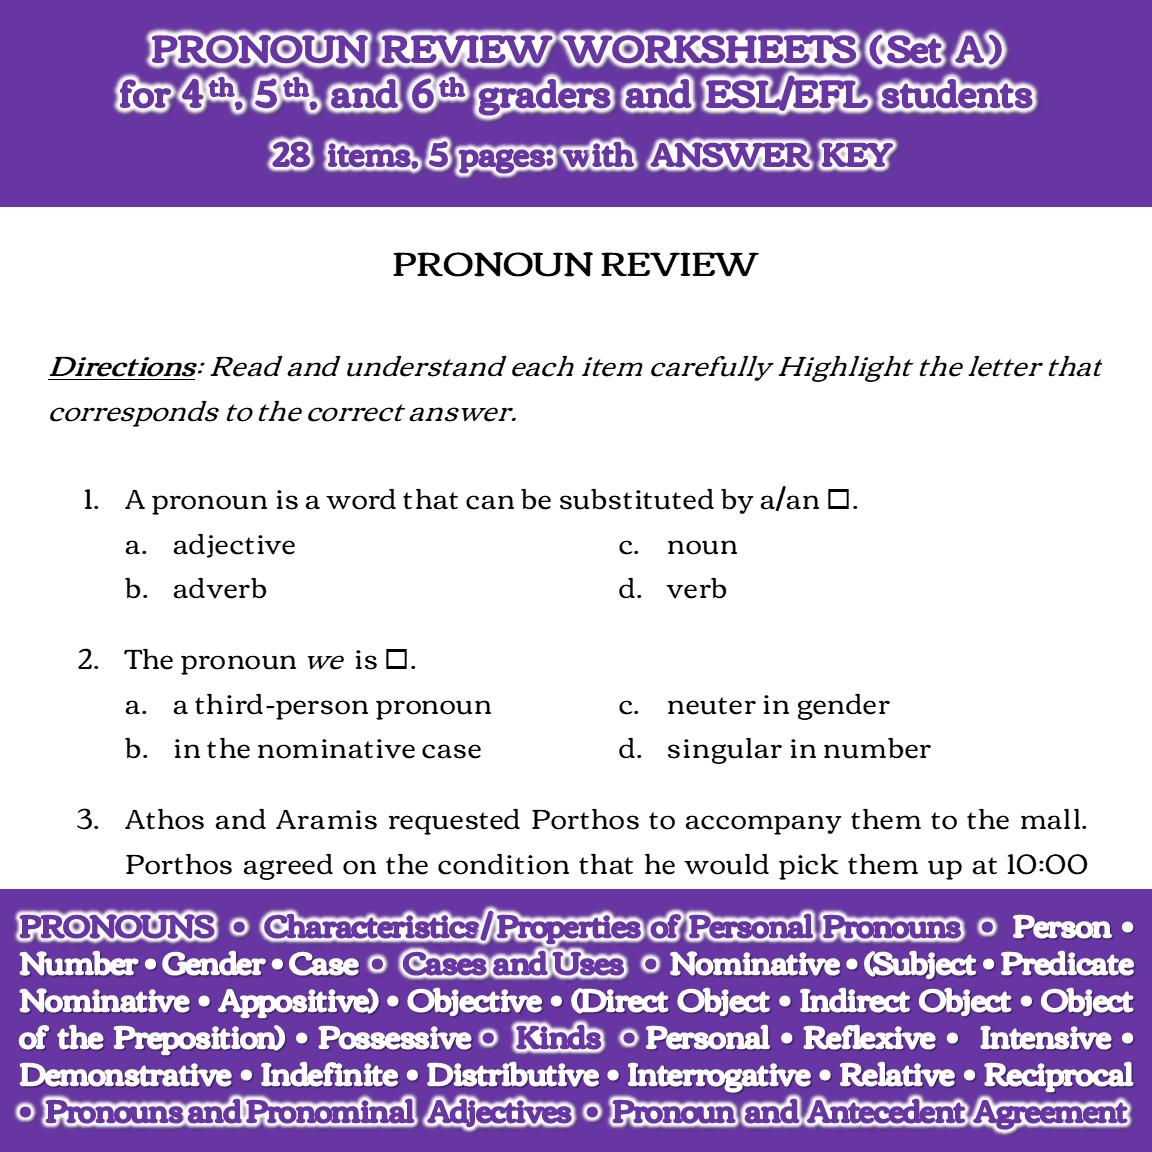 Pronoun Review Worksheets (Set A)